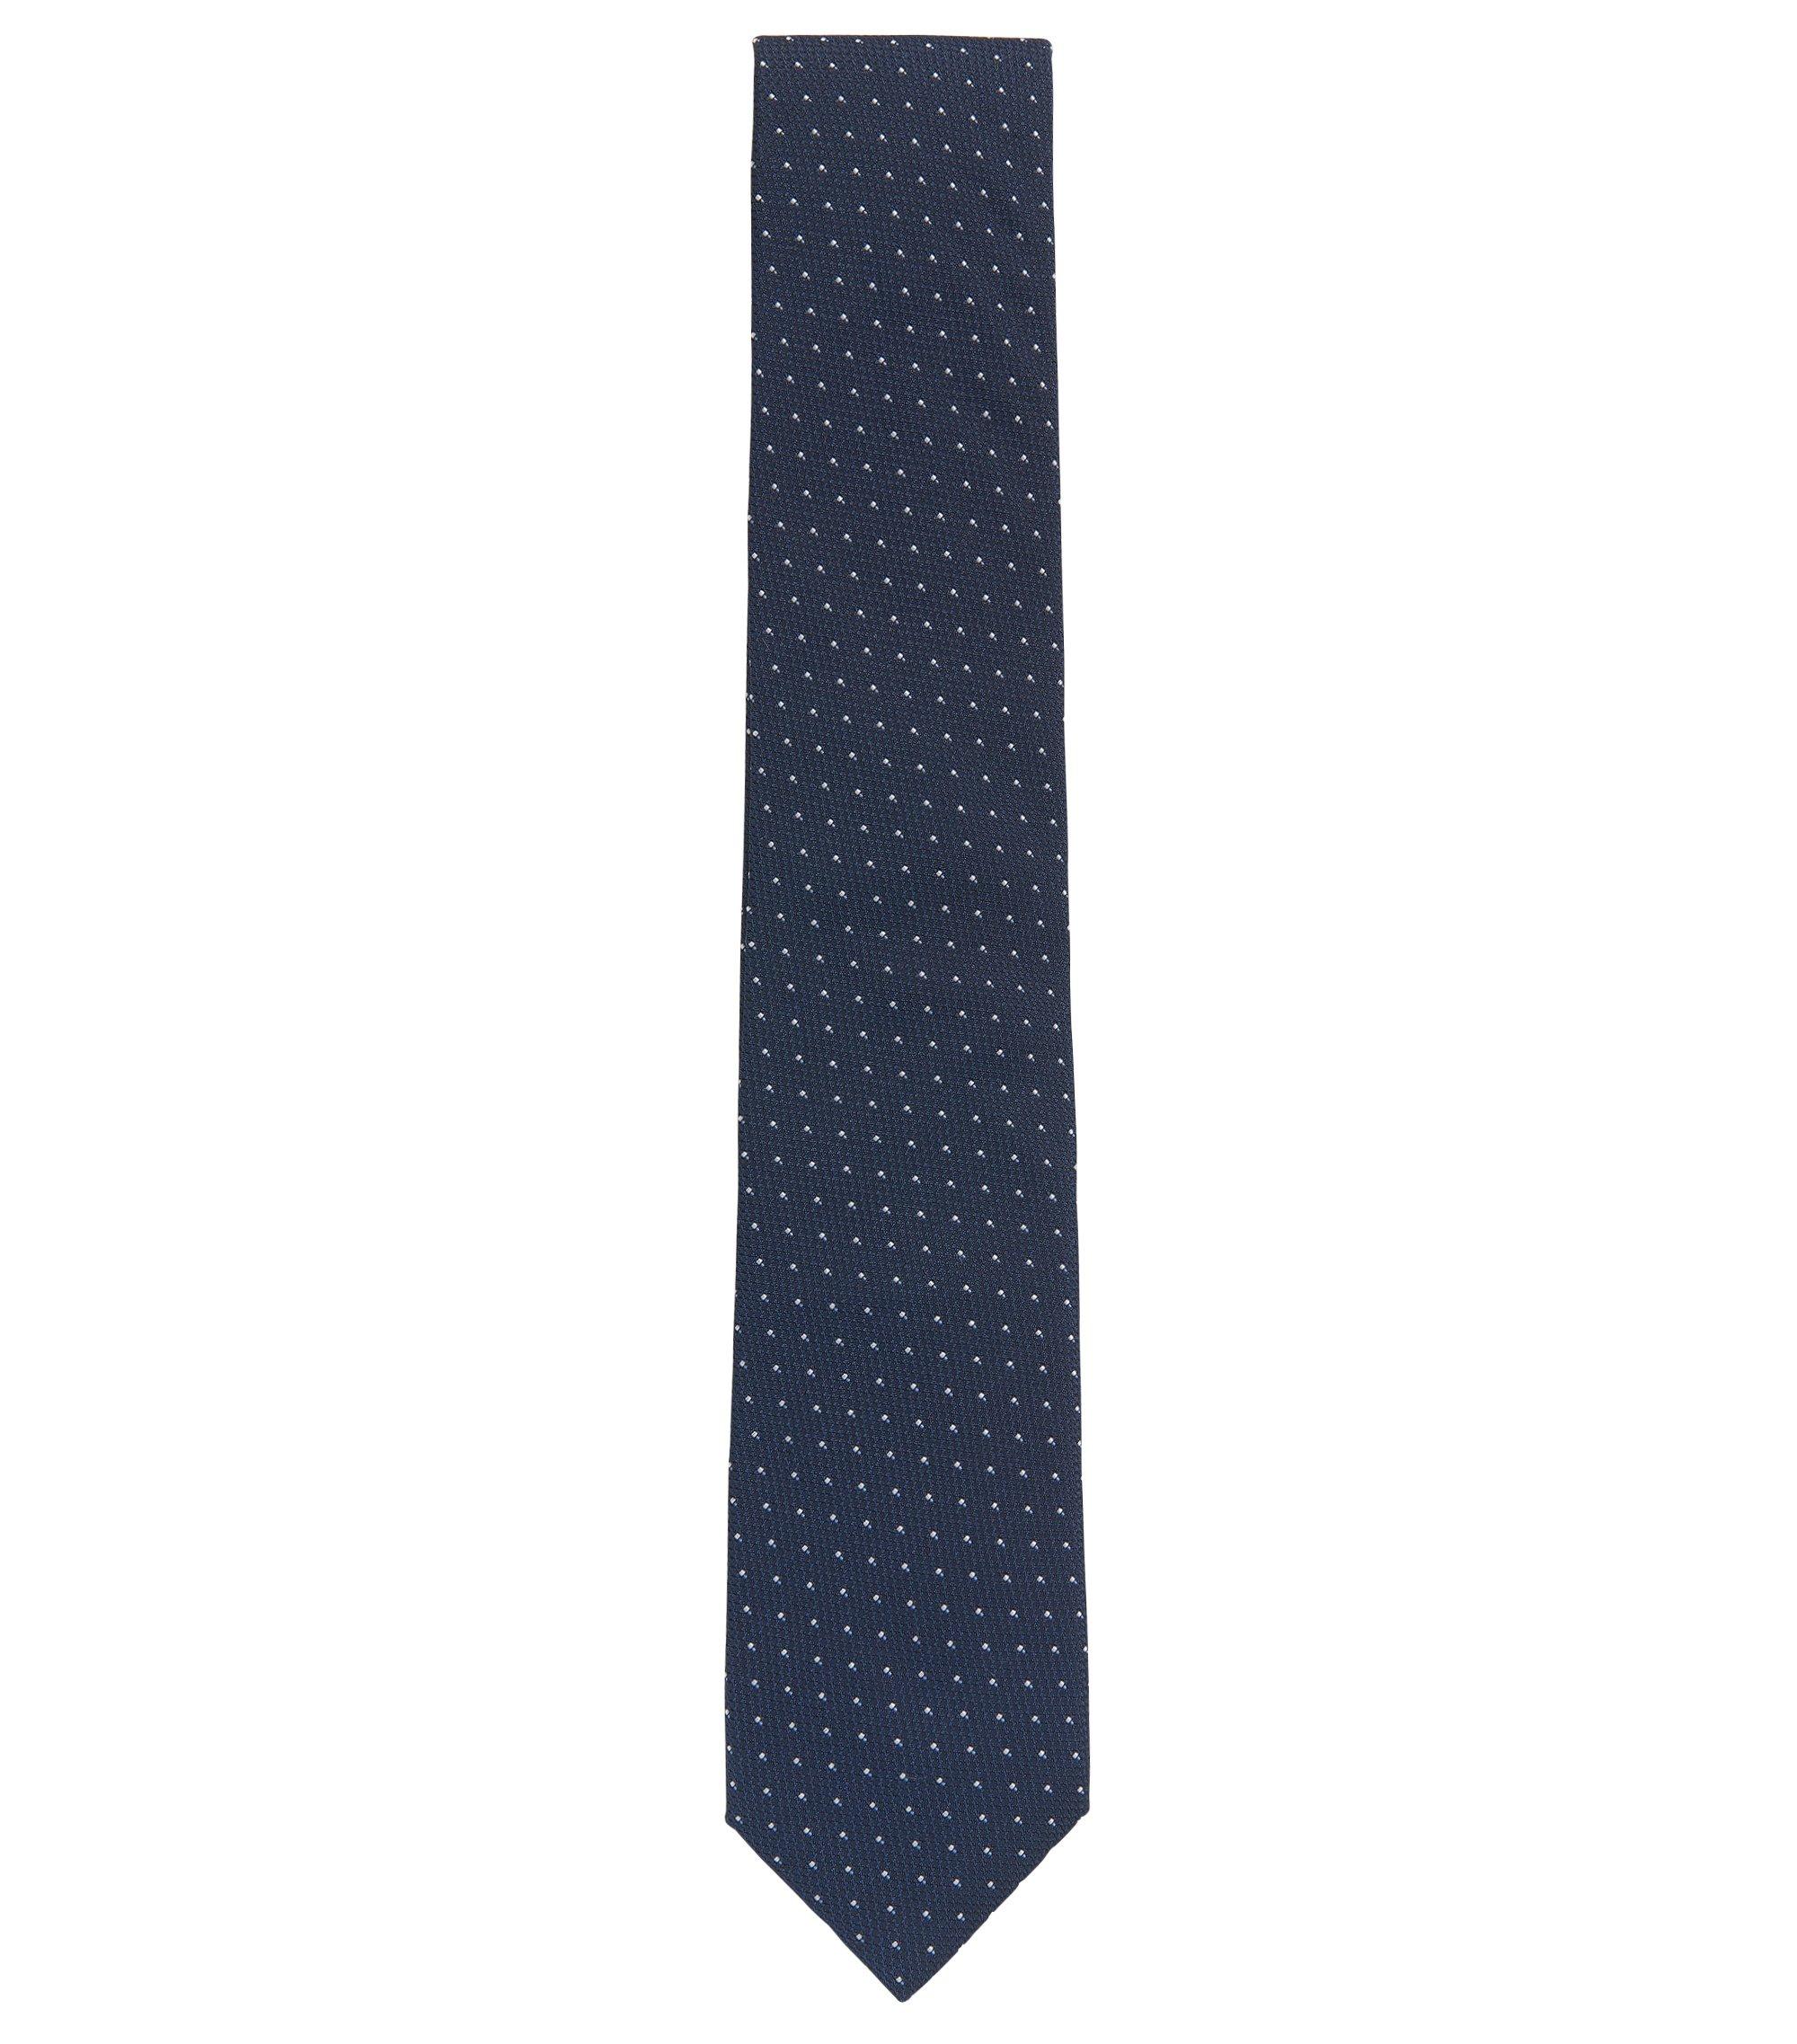 In Italien gefertigte Krawatte aus gemustertem Seiden-Jacquard, Dunkelblau